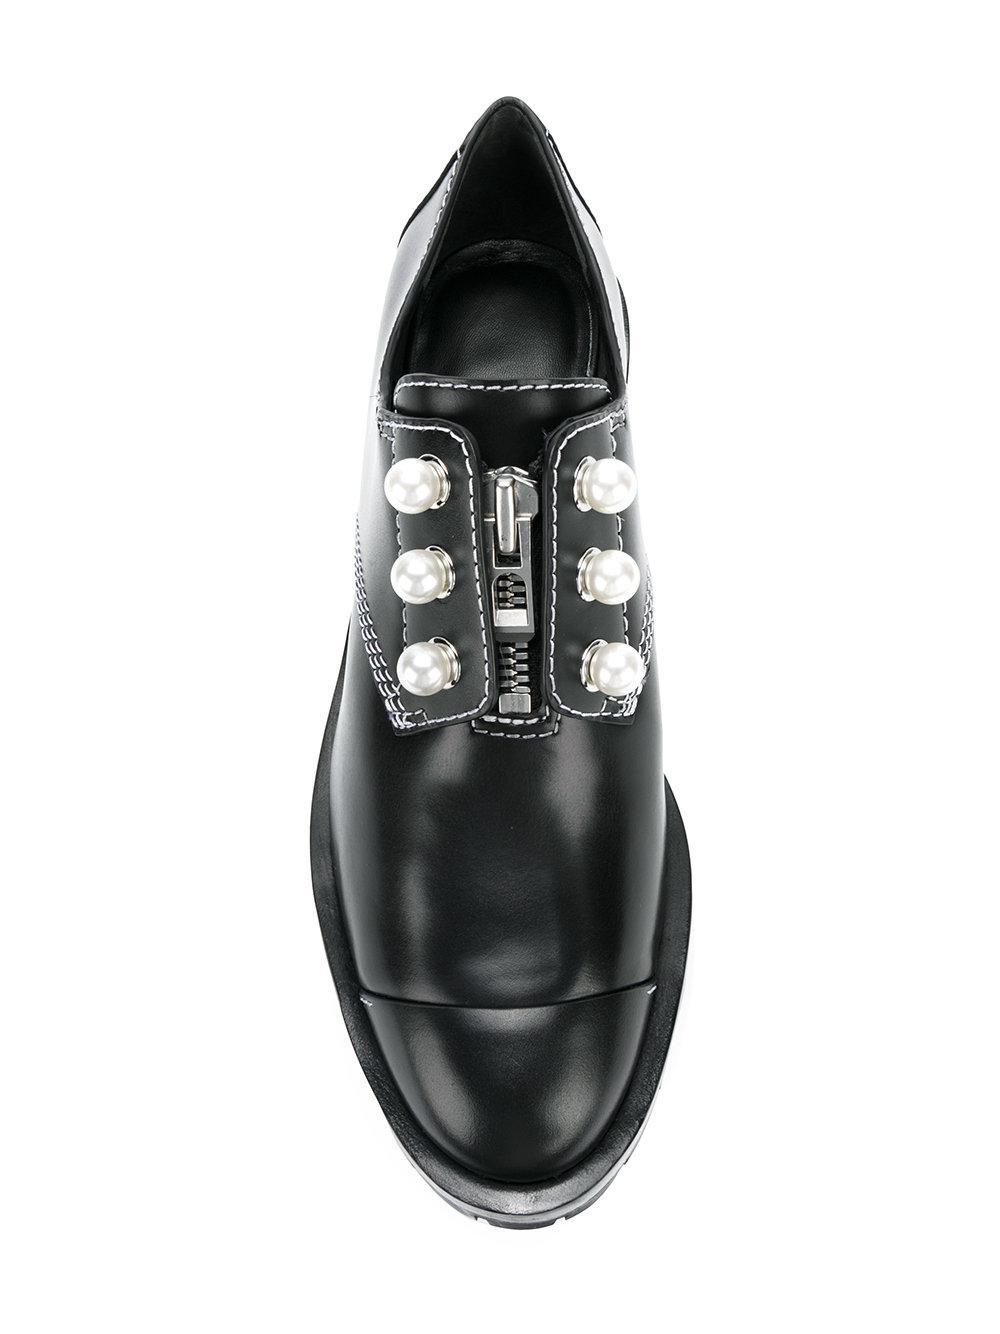 3.1 Phillip Lim Faux pearl zip up boots BM35zk